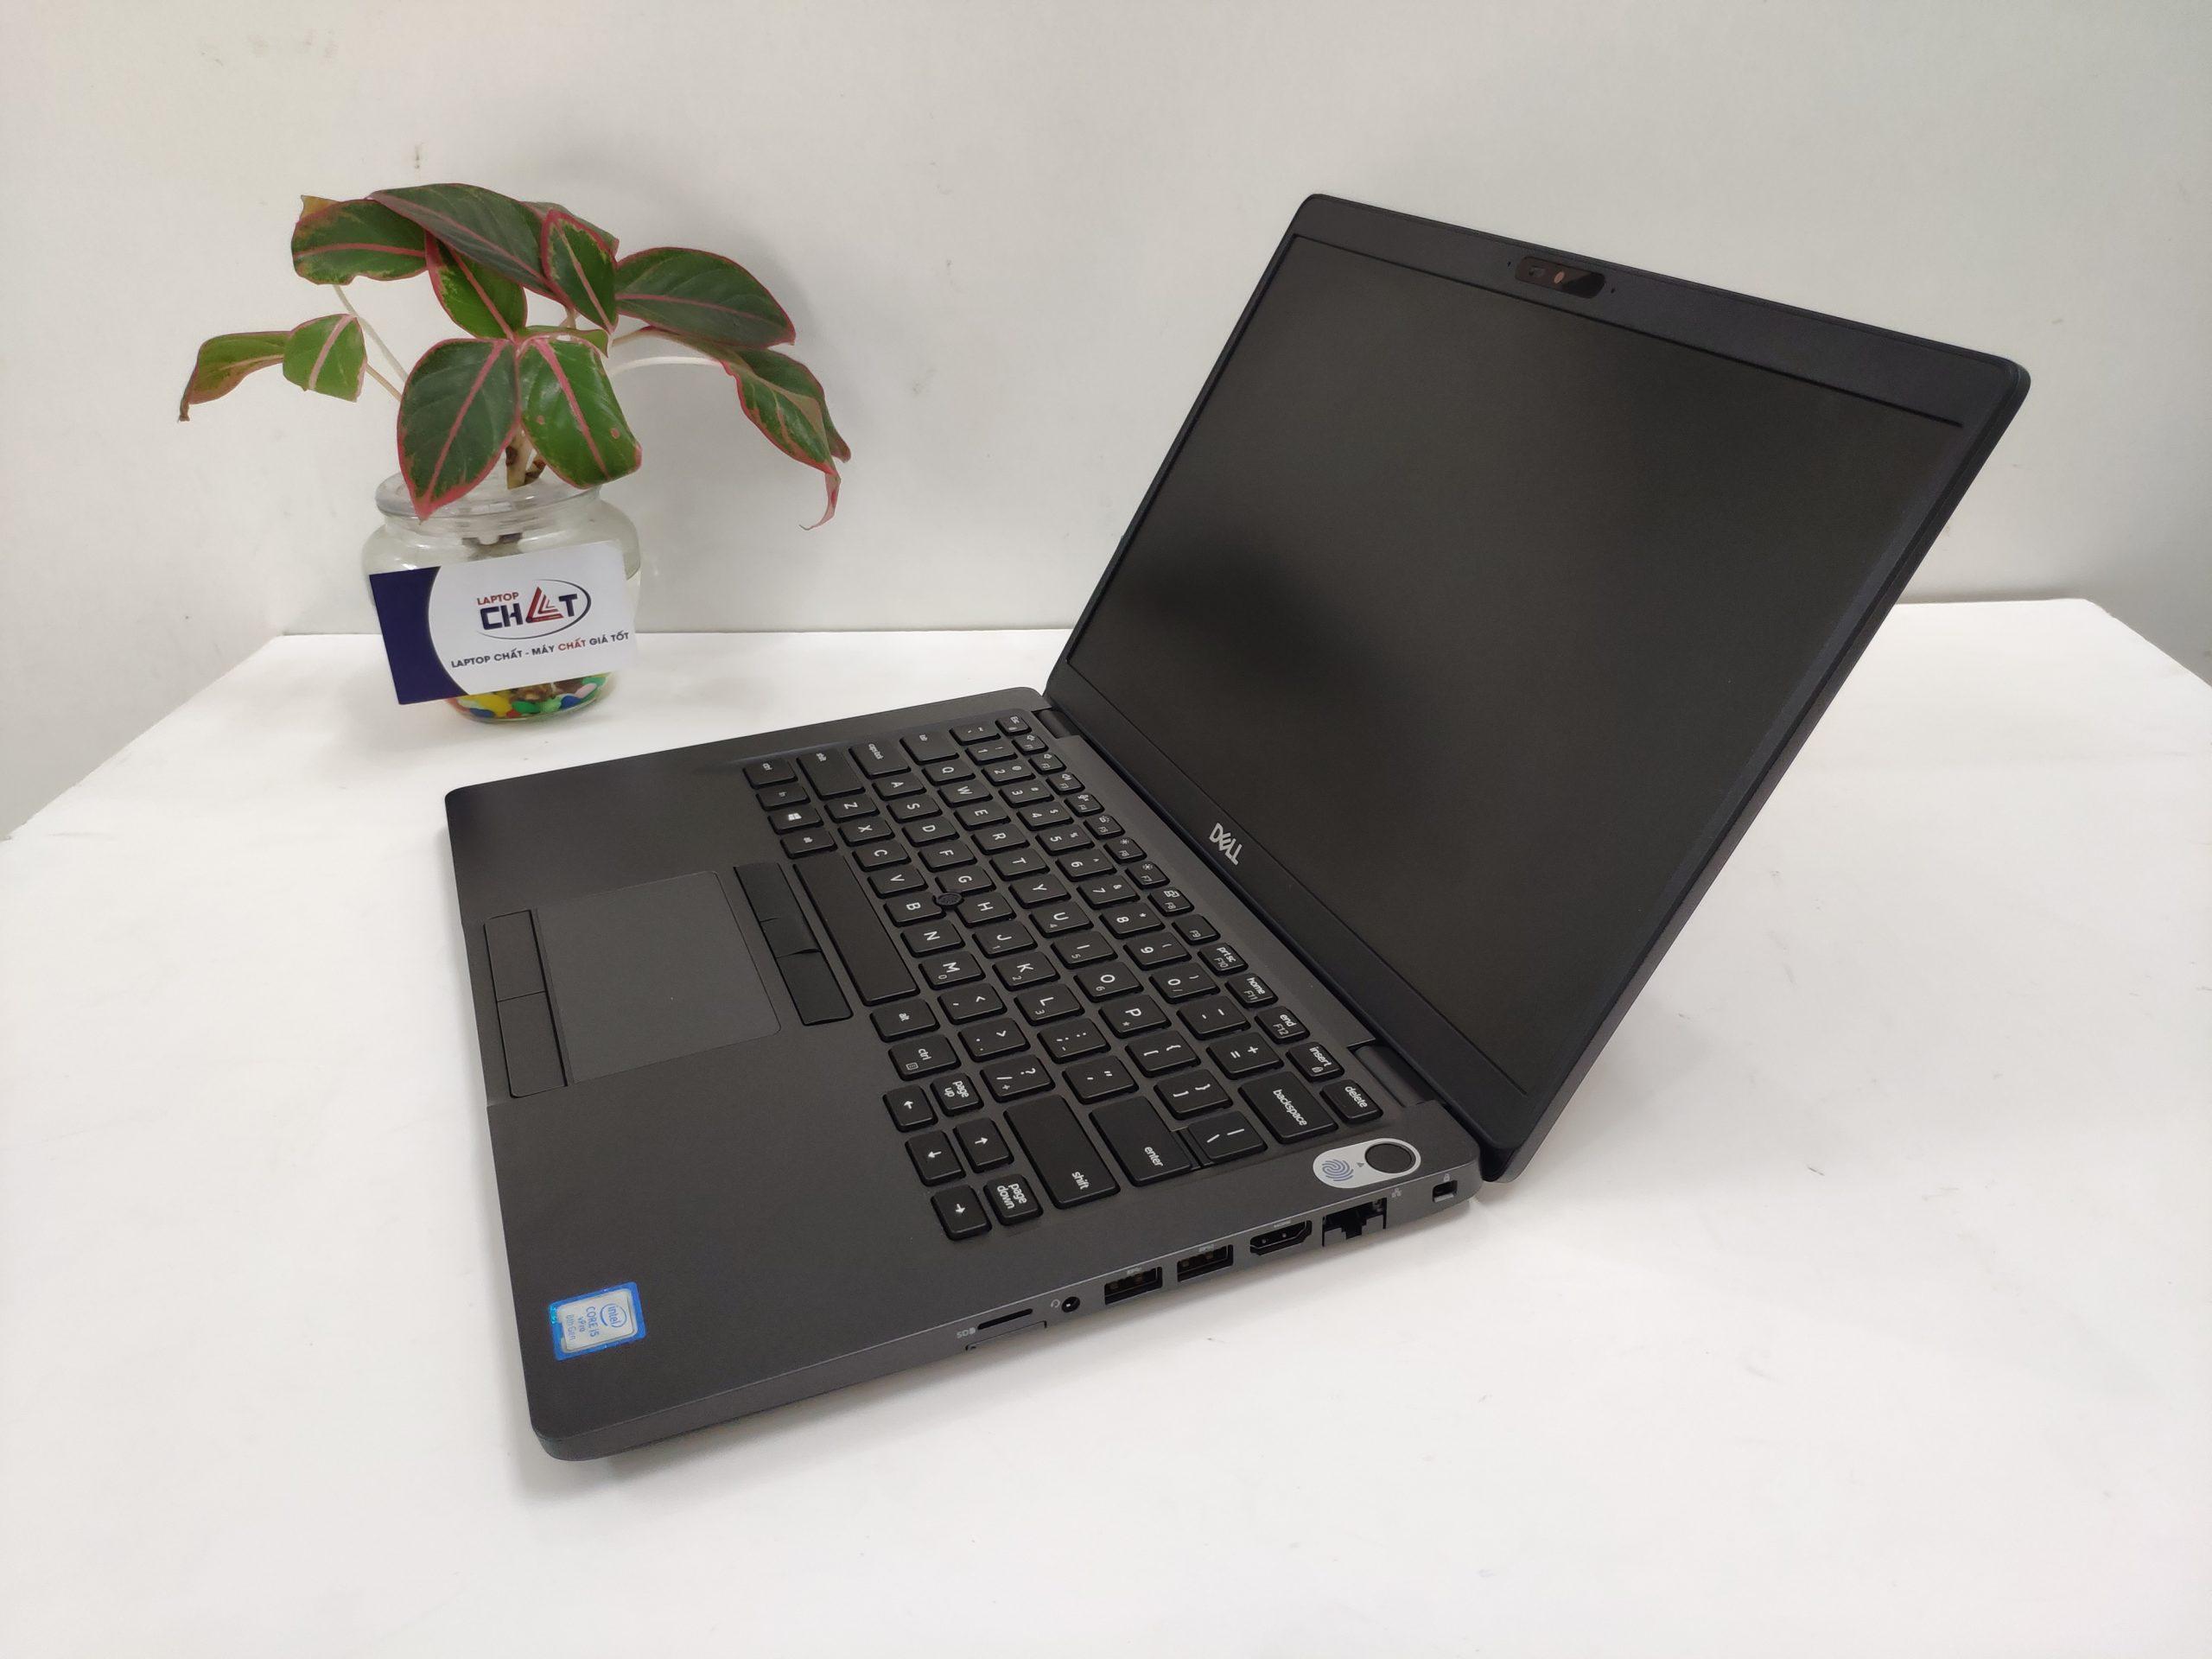 Dell Latitude 5400 -1